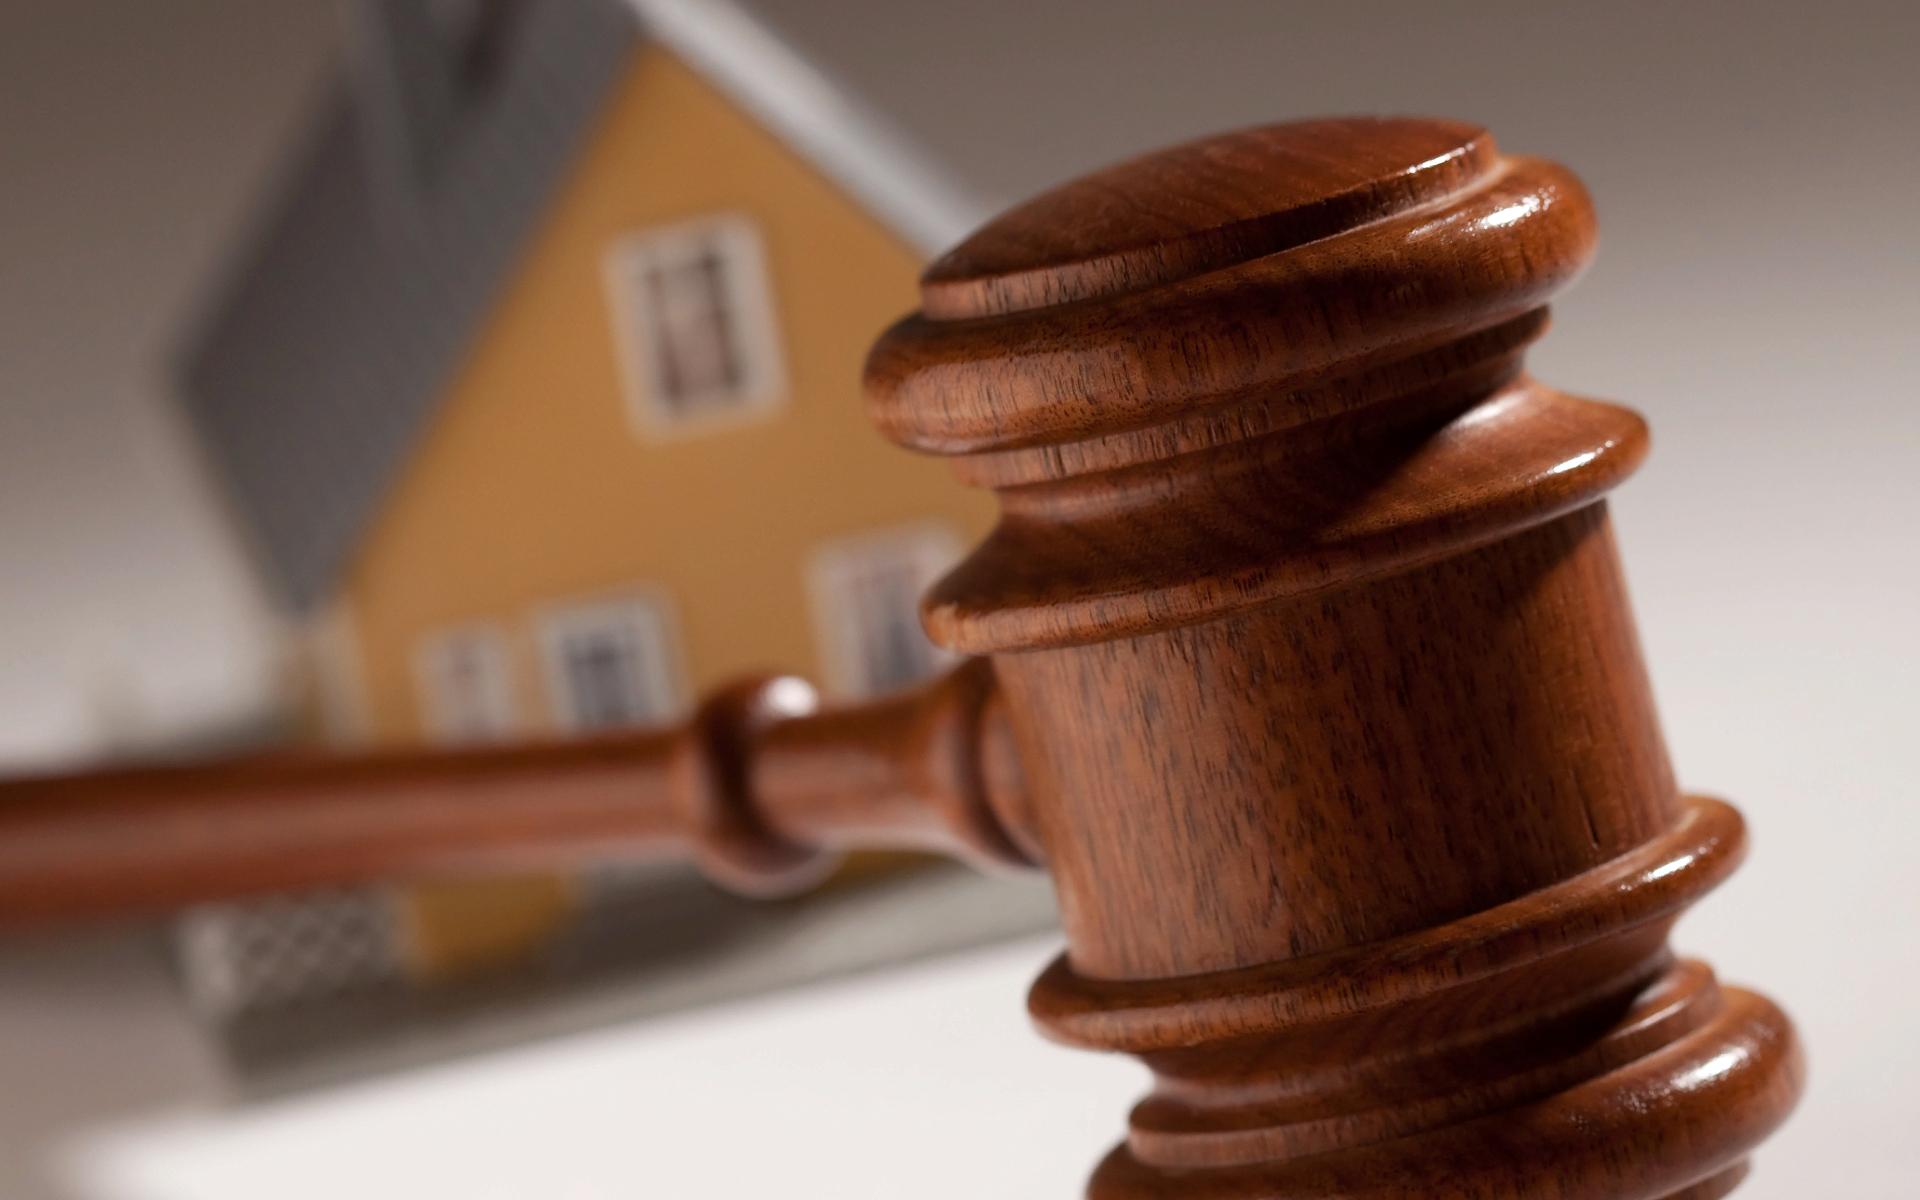 Право собственности в связи с приобретательной давностью получается только через суд